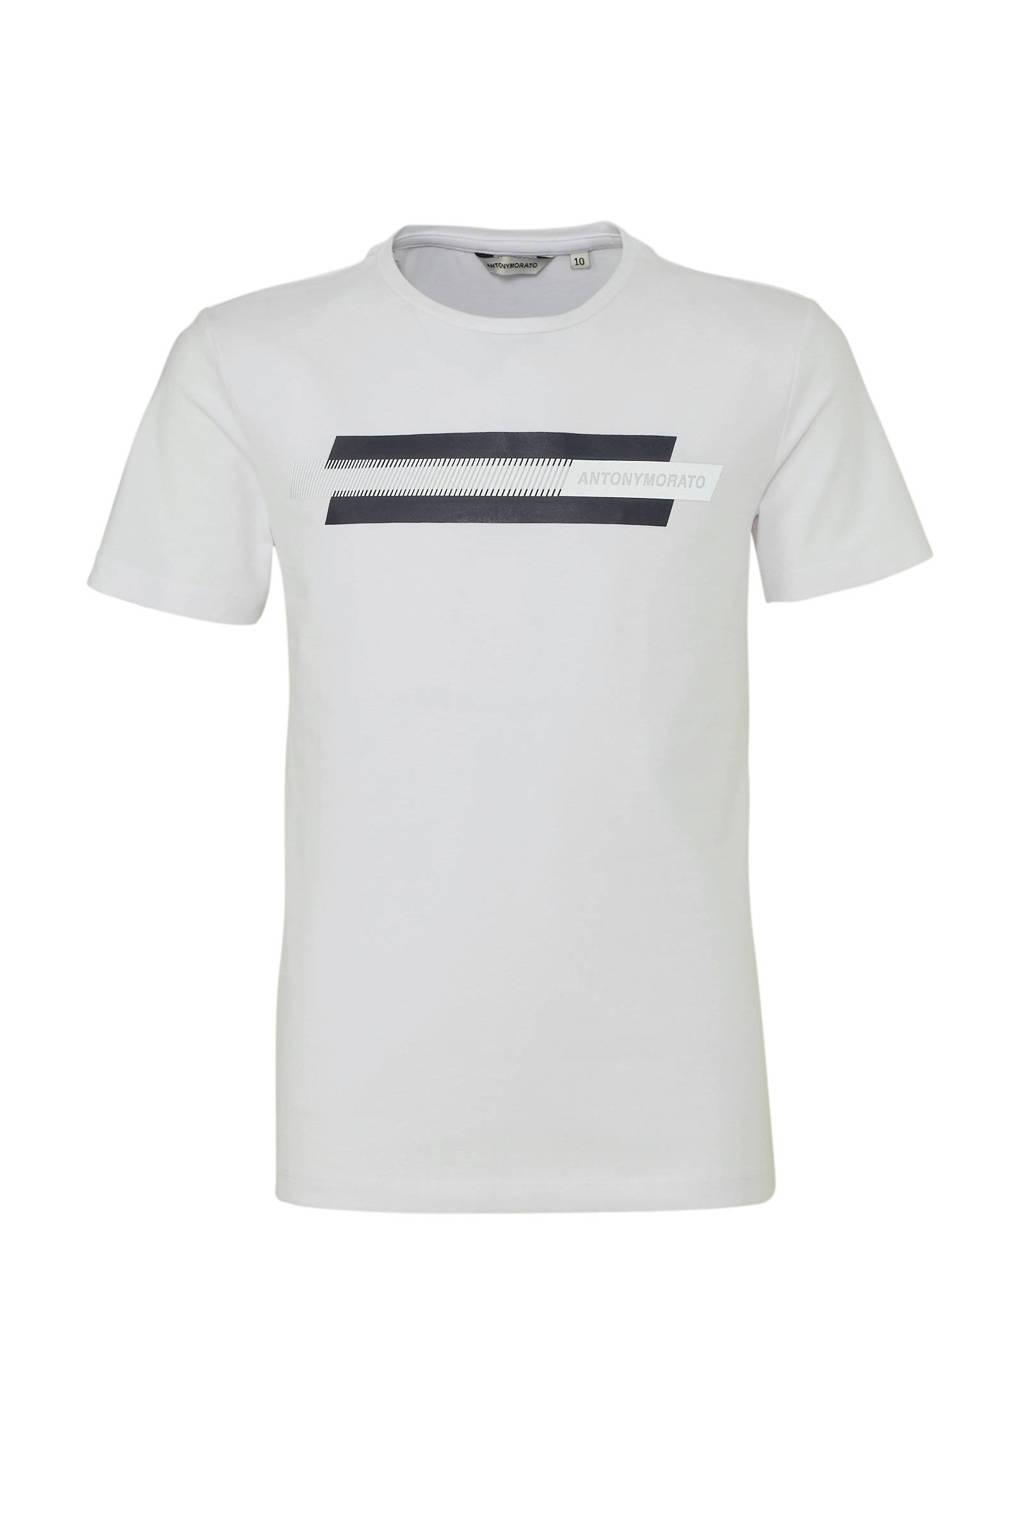 Antony Morato T-shirt met logo wit/antraciet, Wit/antraciet